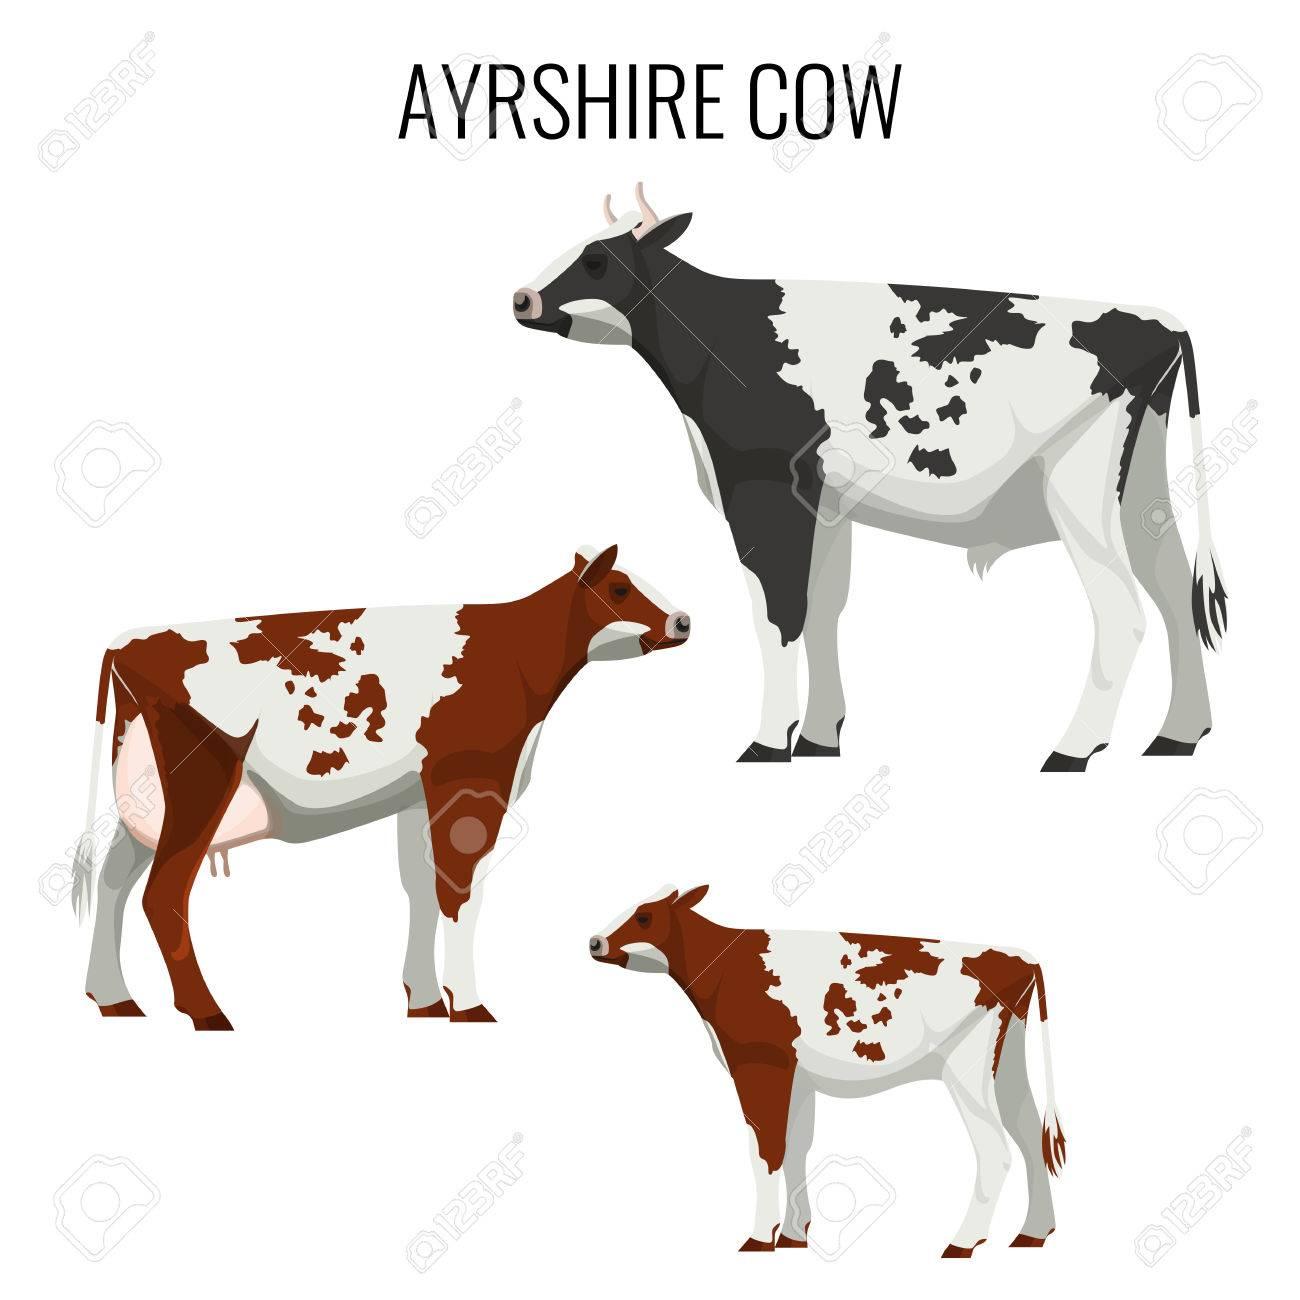 エアーシアの牛白で隔離乳牛のベクトル イラストのイラスト素材